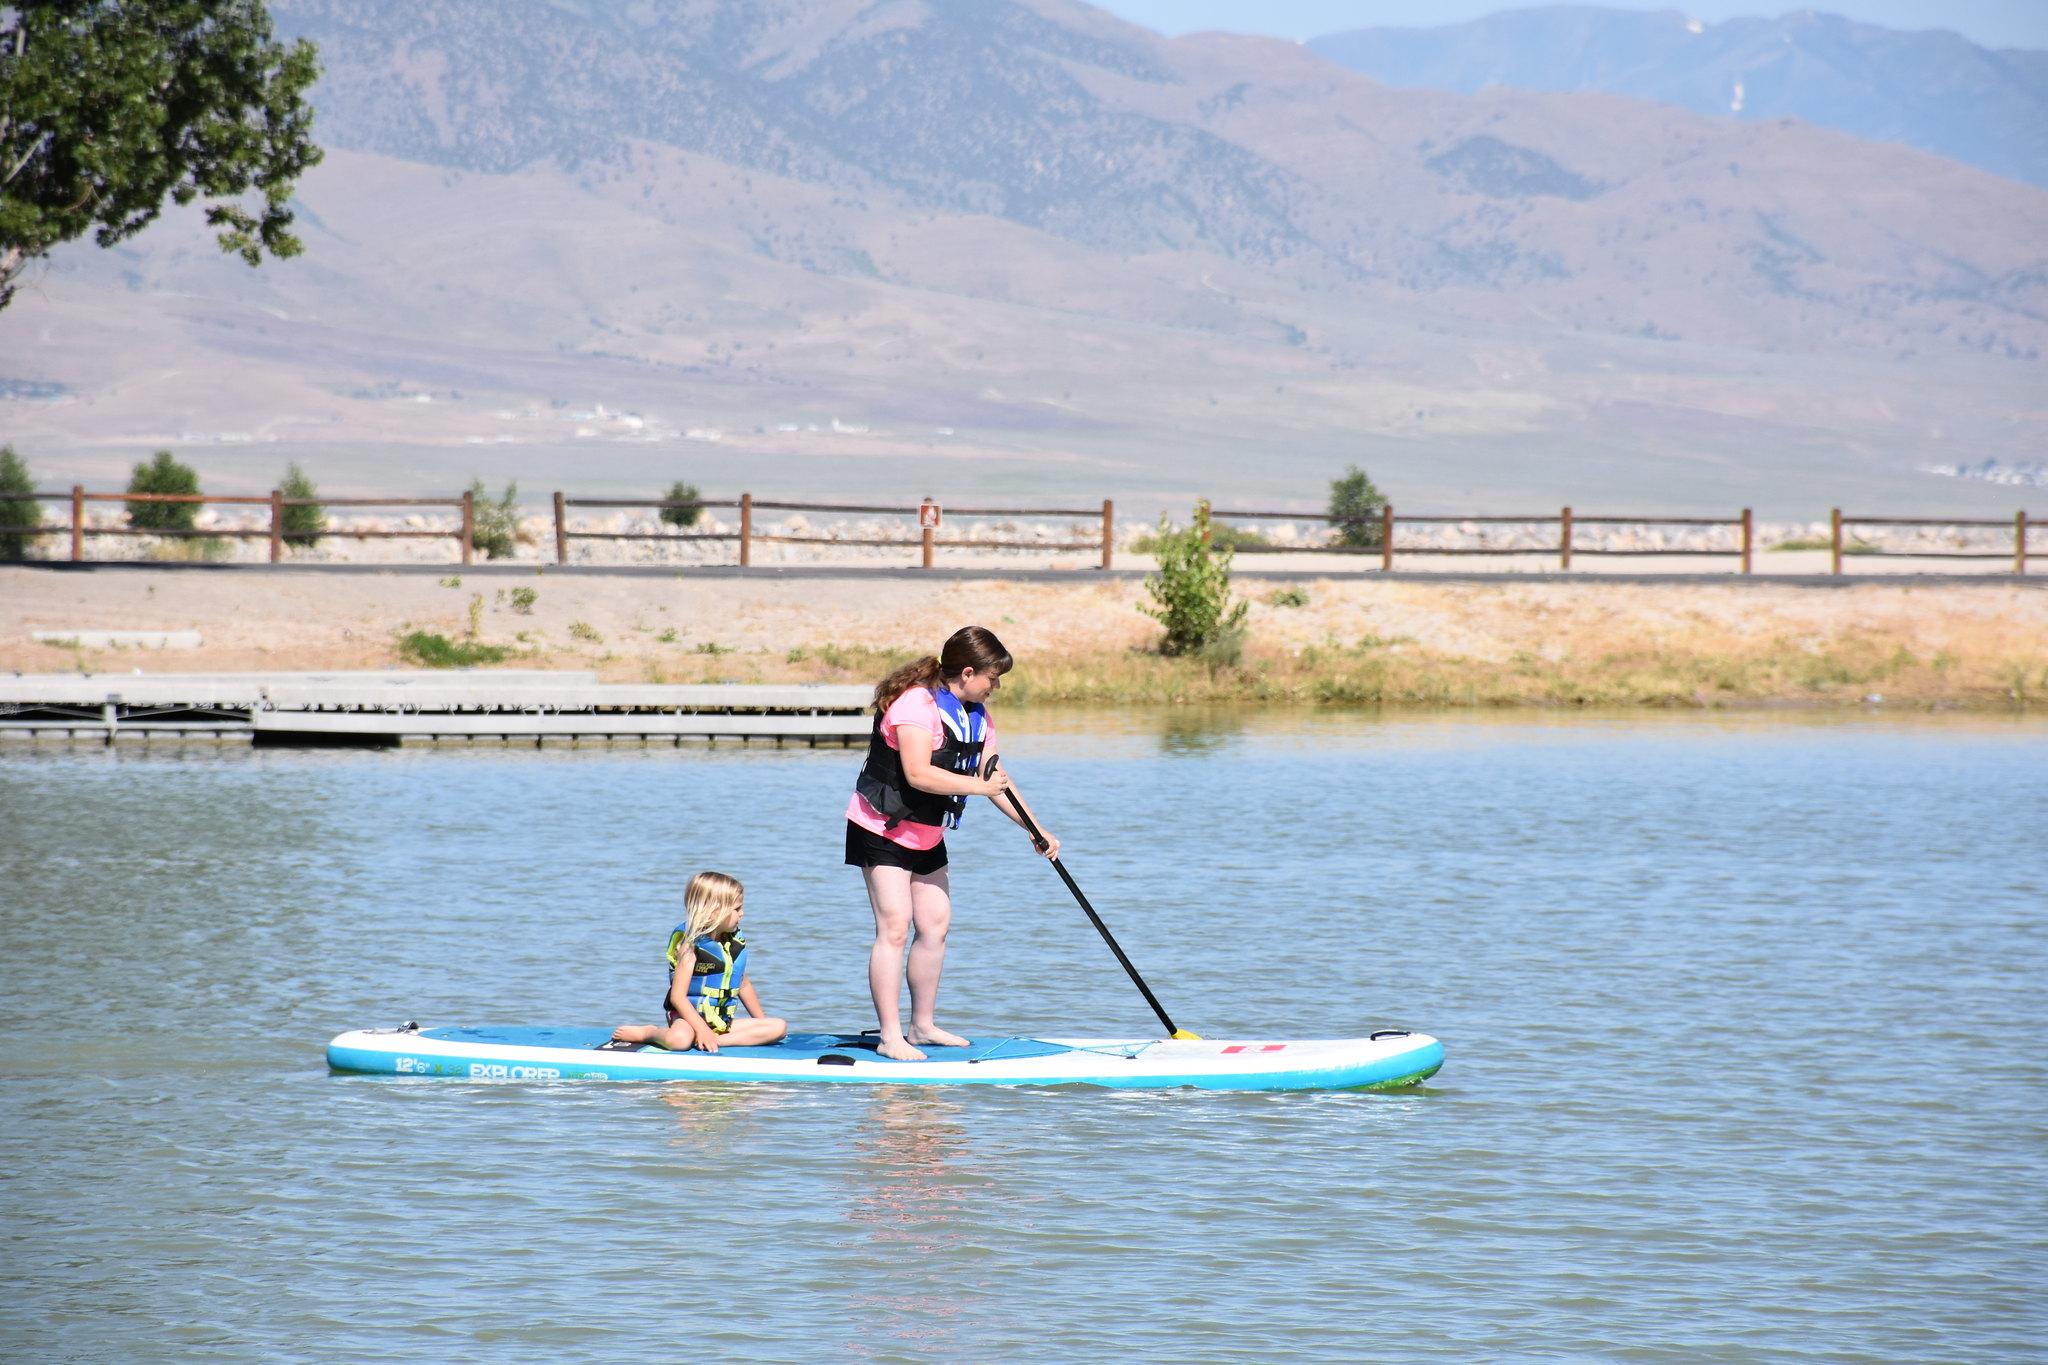 How to Enjoy Utah Lake, Safely